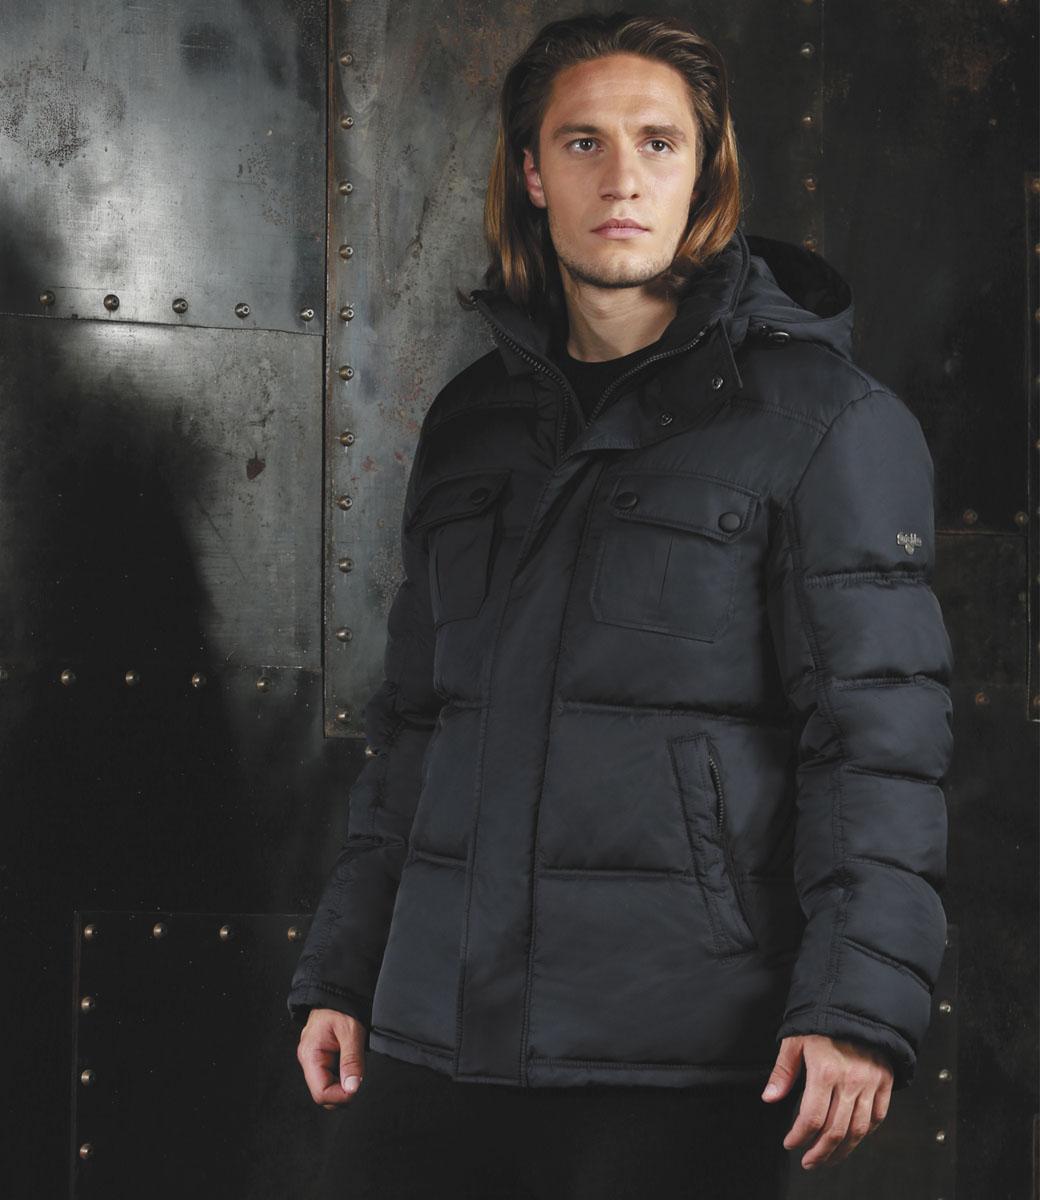 Куртка мужская Grishko, цвет: черный. AL-2975. Размер 48AL-2975Практичная универсальная куртка спортивного силуэта Grishko с застежкой на молнию и закрытым глубоким капюшоном, снабженным фиксаторами, дополнительно защищающим от непогоды, - незаменимая модель в холодную осеннюю погоду. Куртка дополнена двумя накладными карманами с клапанами на кнопках на груди, двумя боковыми втачными карманами на молнии и внутренним карманом. Утеплитель - 100% микрофайбер - это утеплитель нового поколения, который отличается повышенной теплоизоляцией, антибактериальными свойствами, долговечностью в использовании и необычайно легок в носке и уходе.